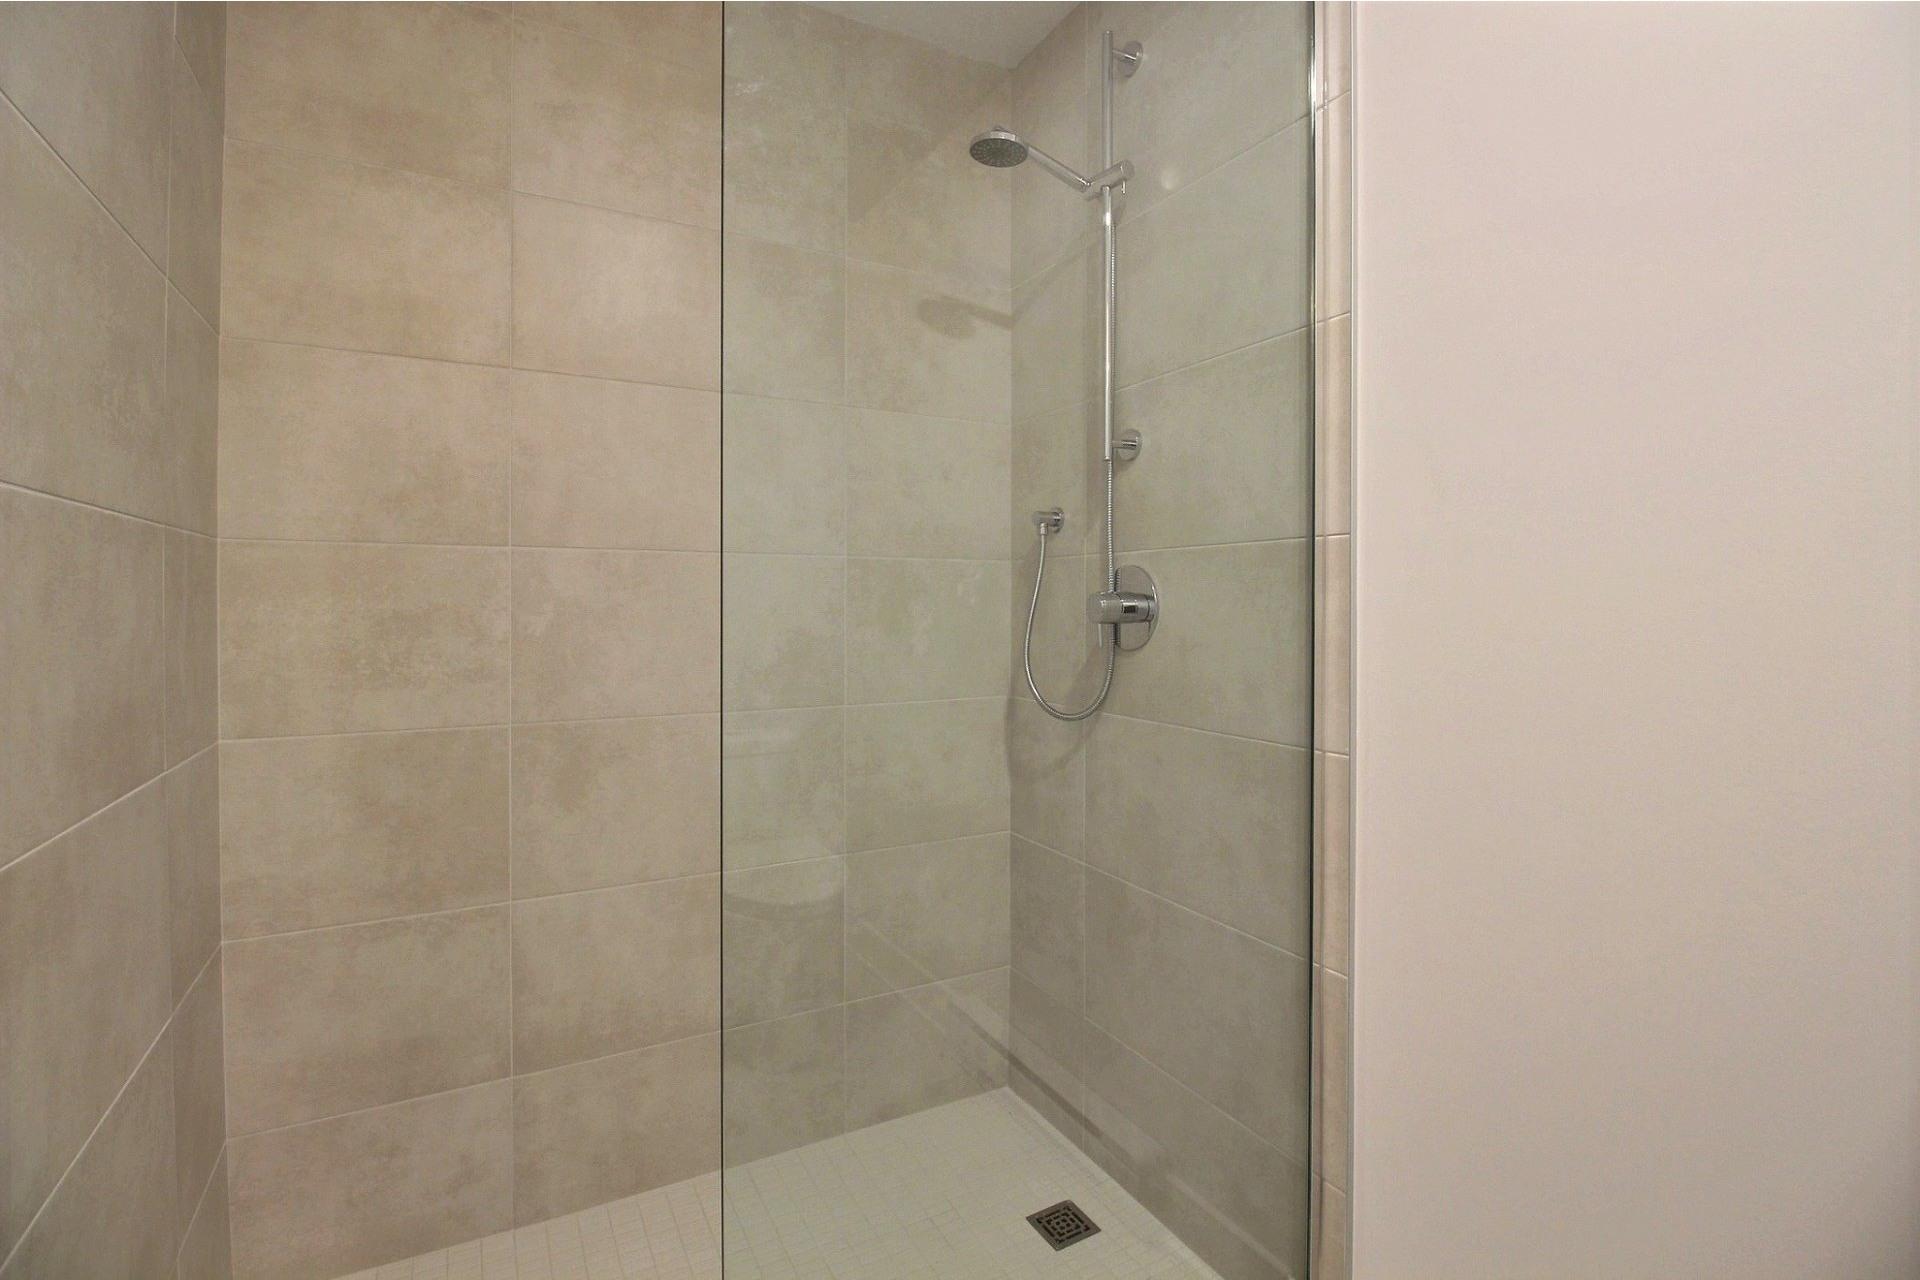 image 7 - Apartment For rent Montréal Le Sud-Ouest  - 4 rooms